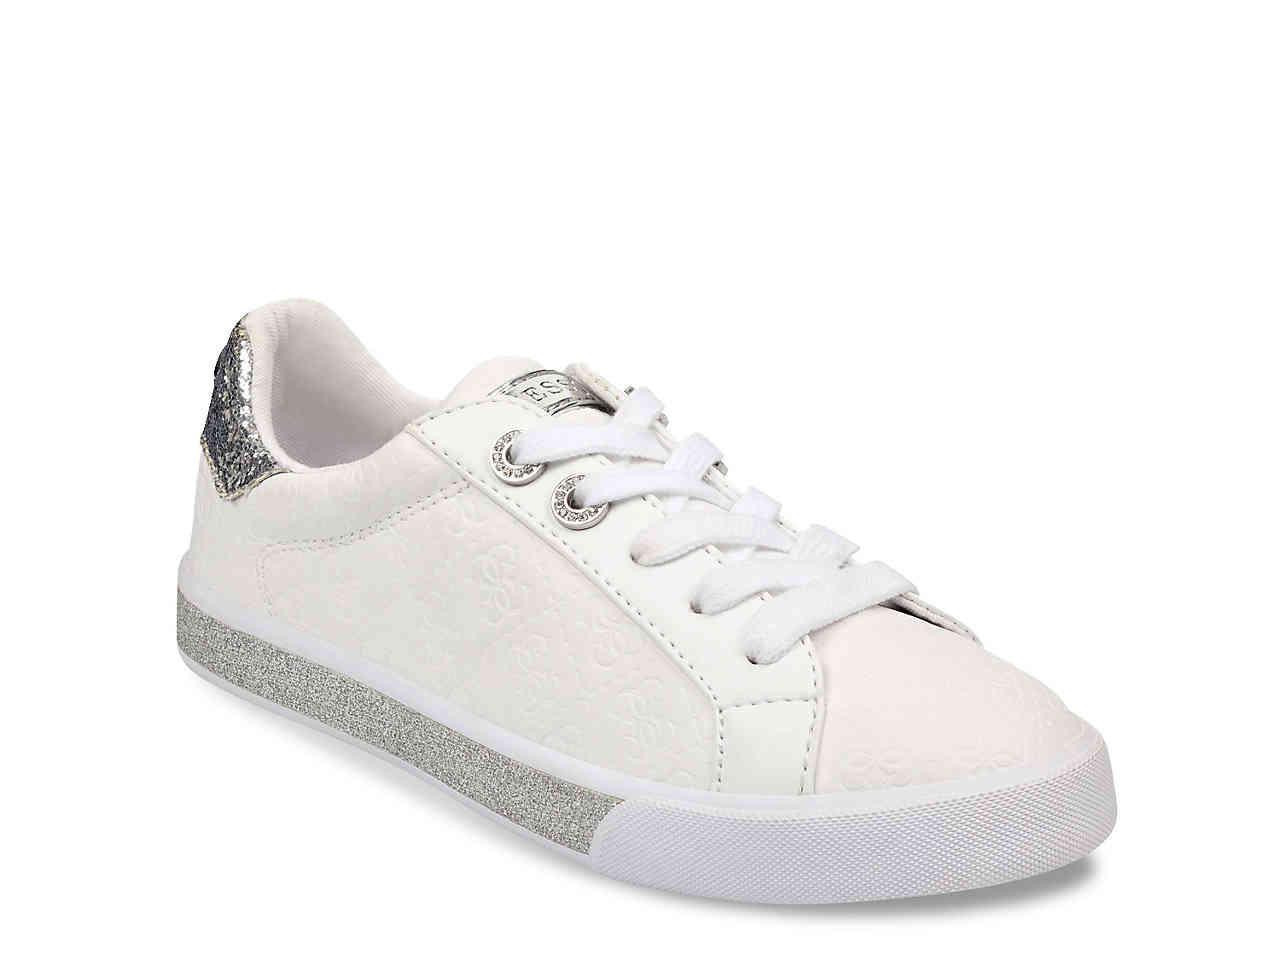 Guess Meggie Sneaker in White - Lyst